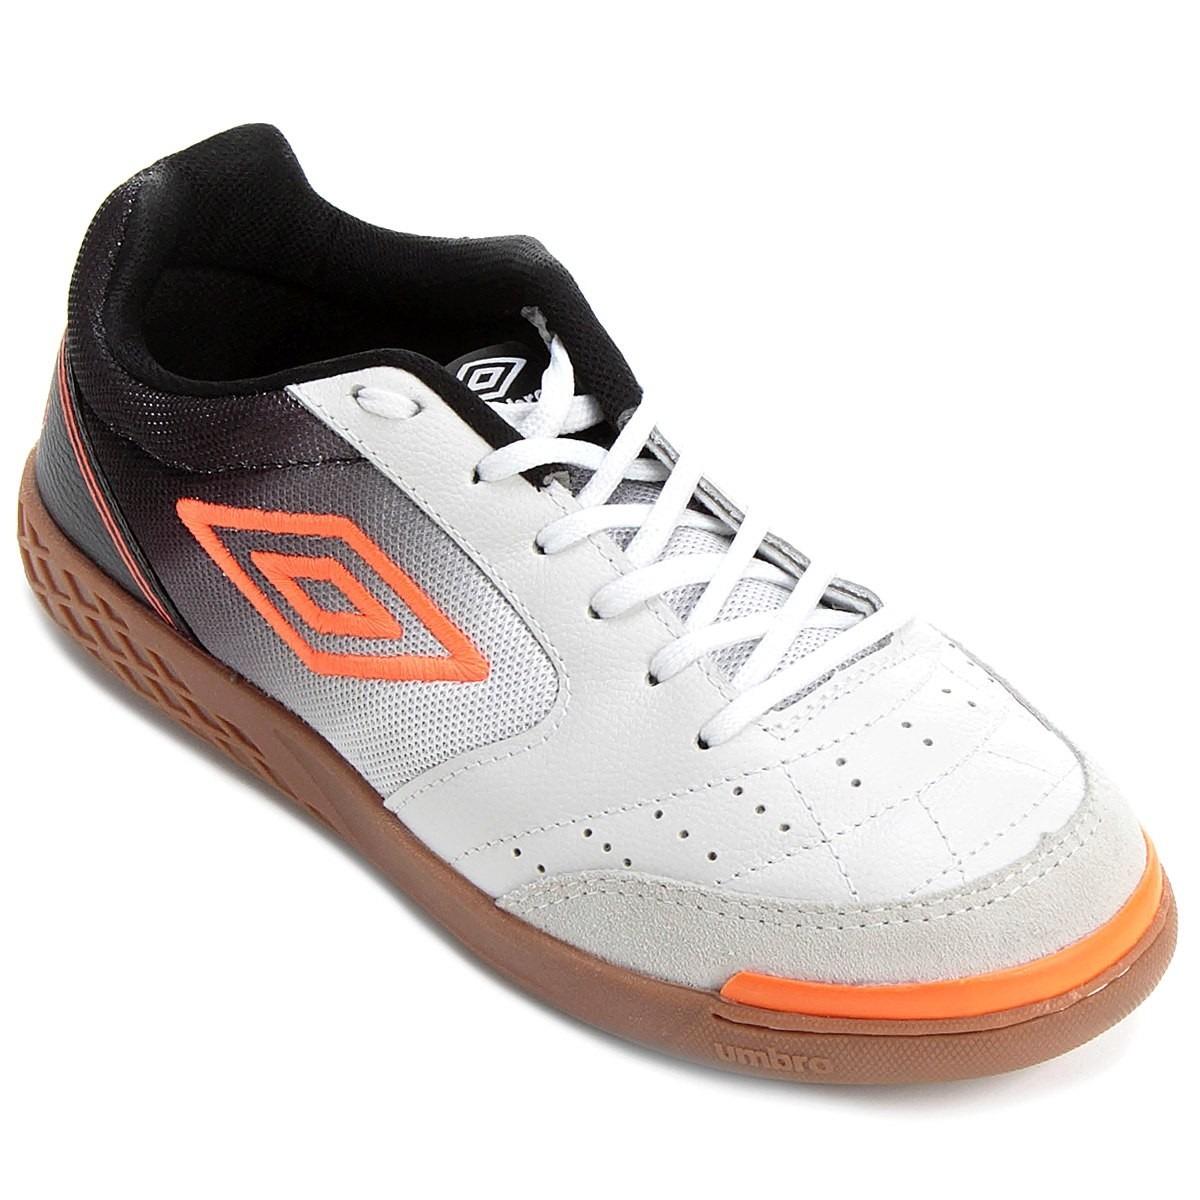 18ba62e1388 tênis futsal umbro box couro amortecedor costurado top. Carregando zoom.